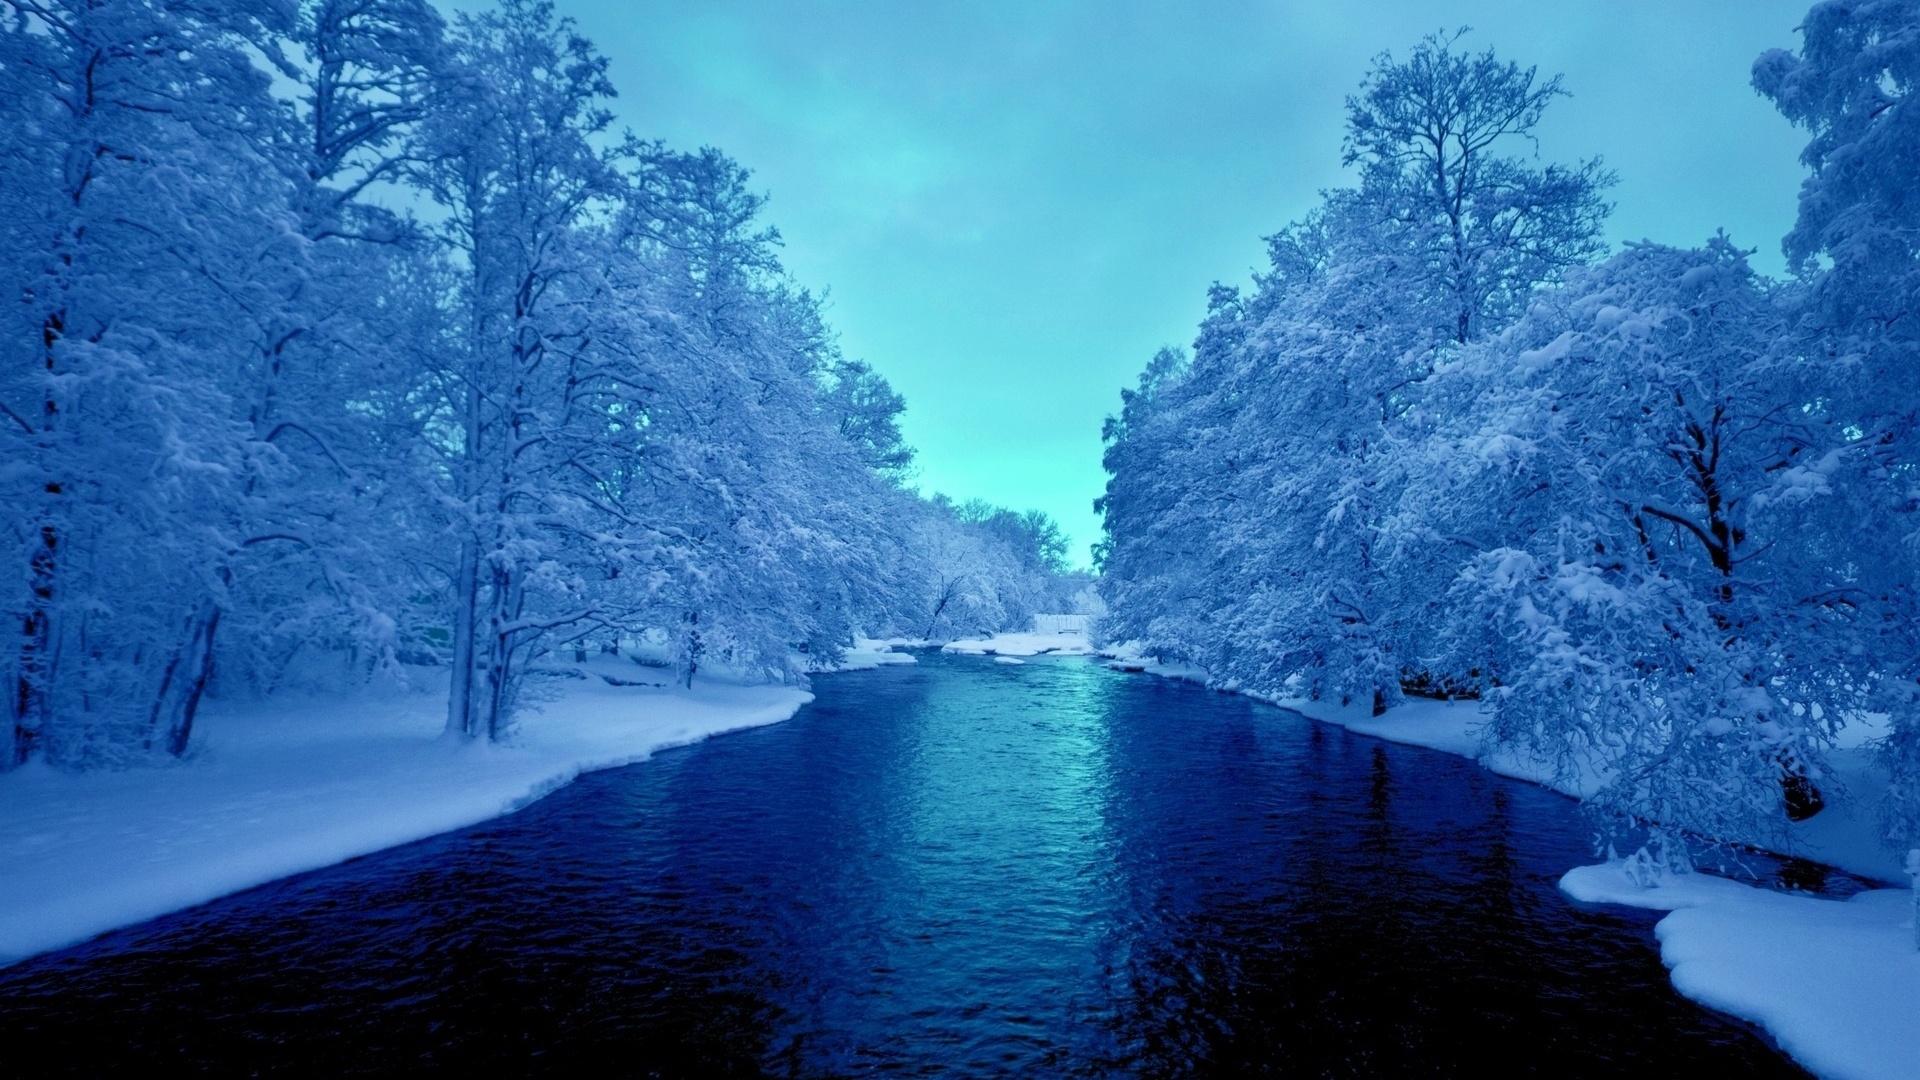 картинки зима для компа модели представлены подвесными